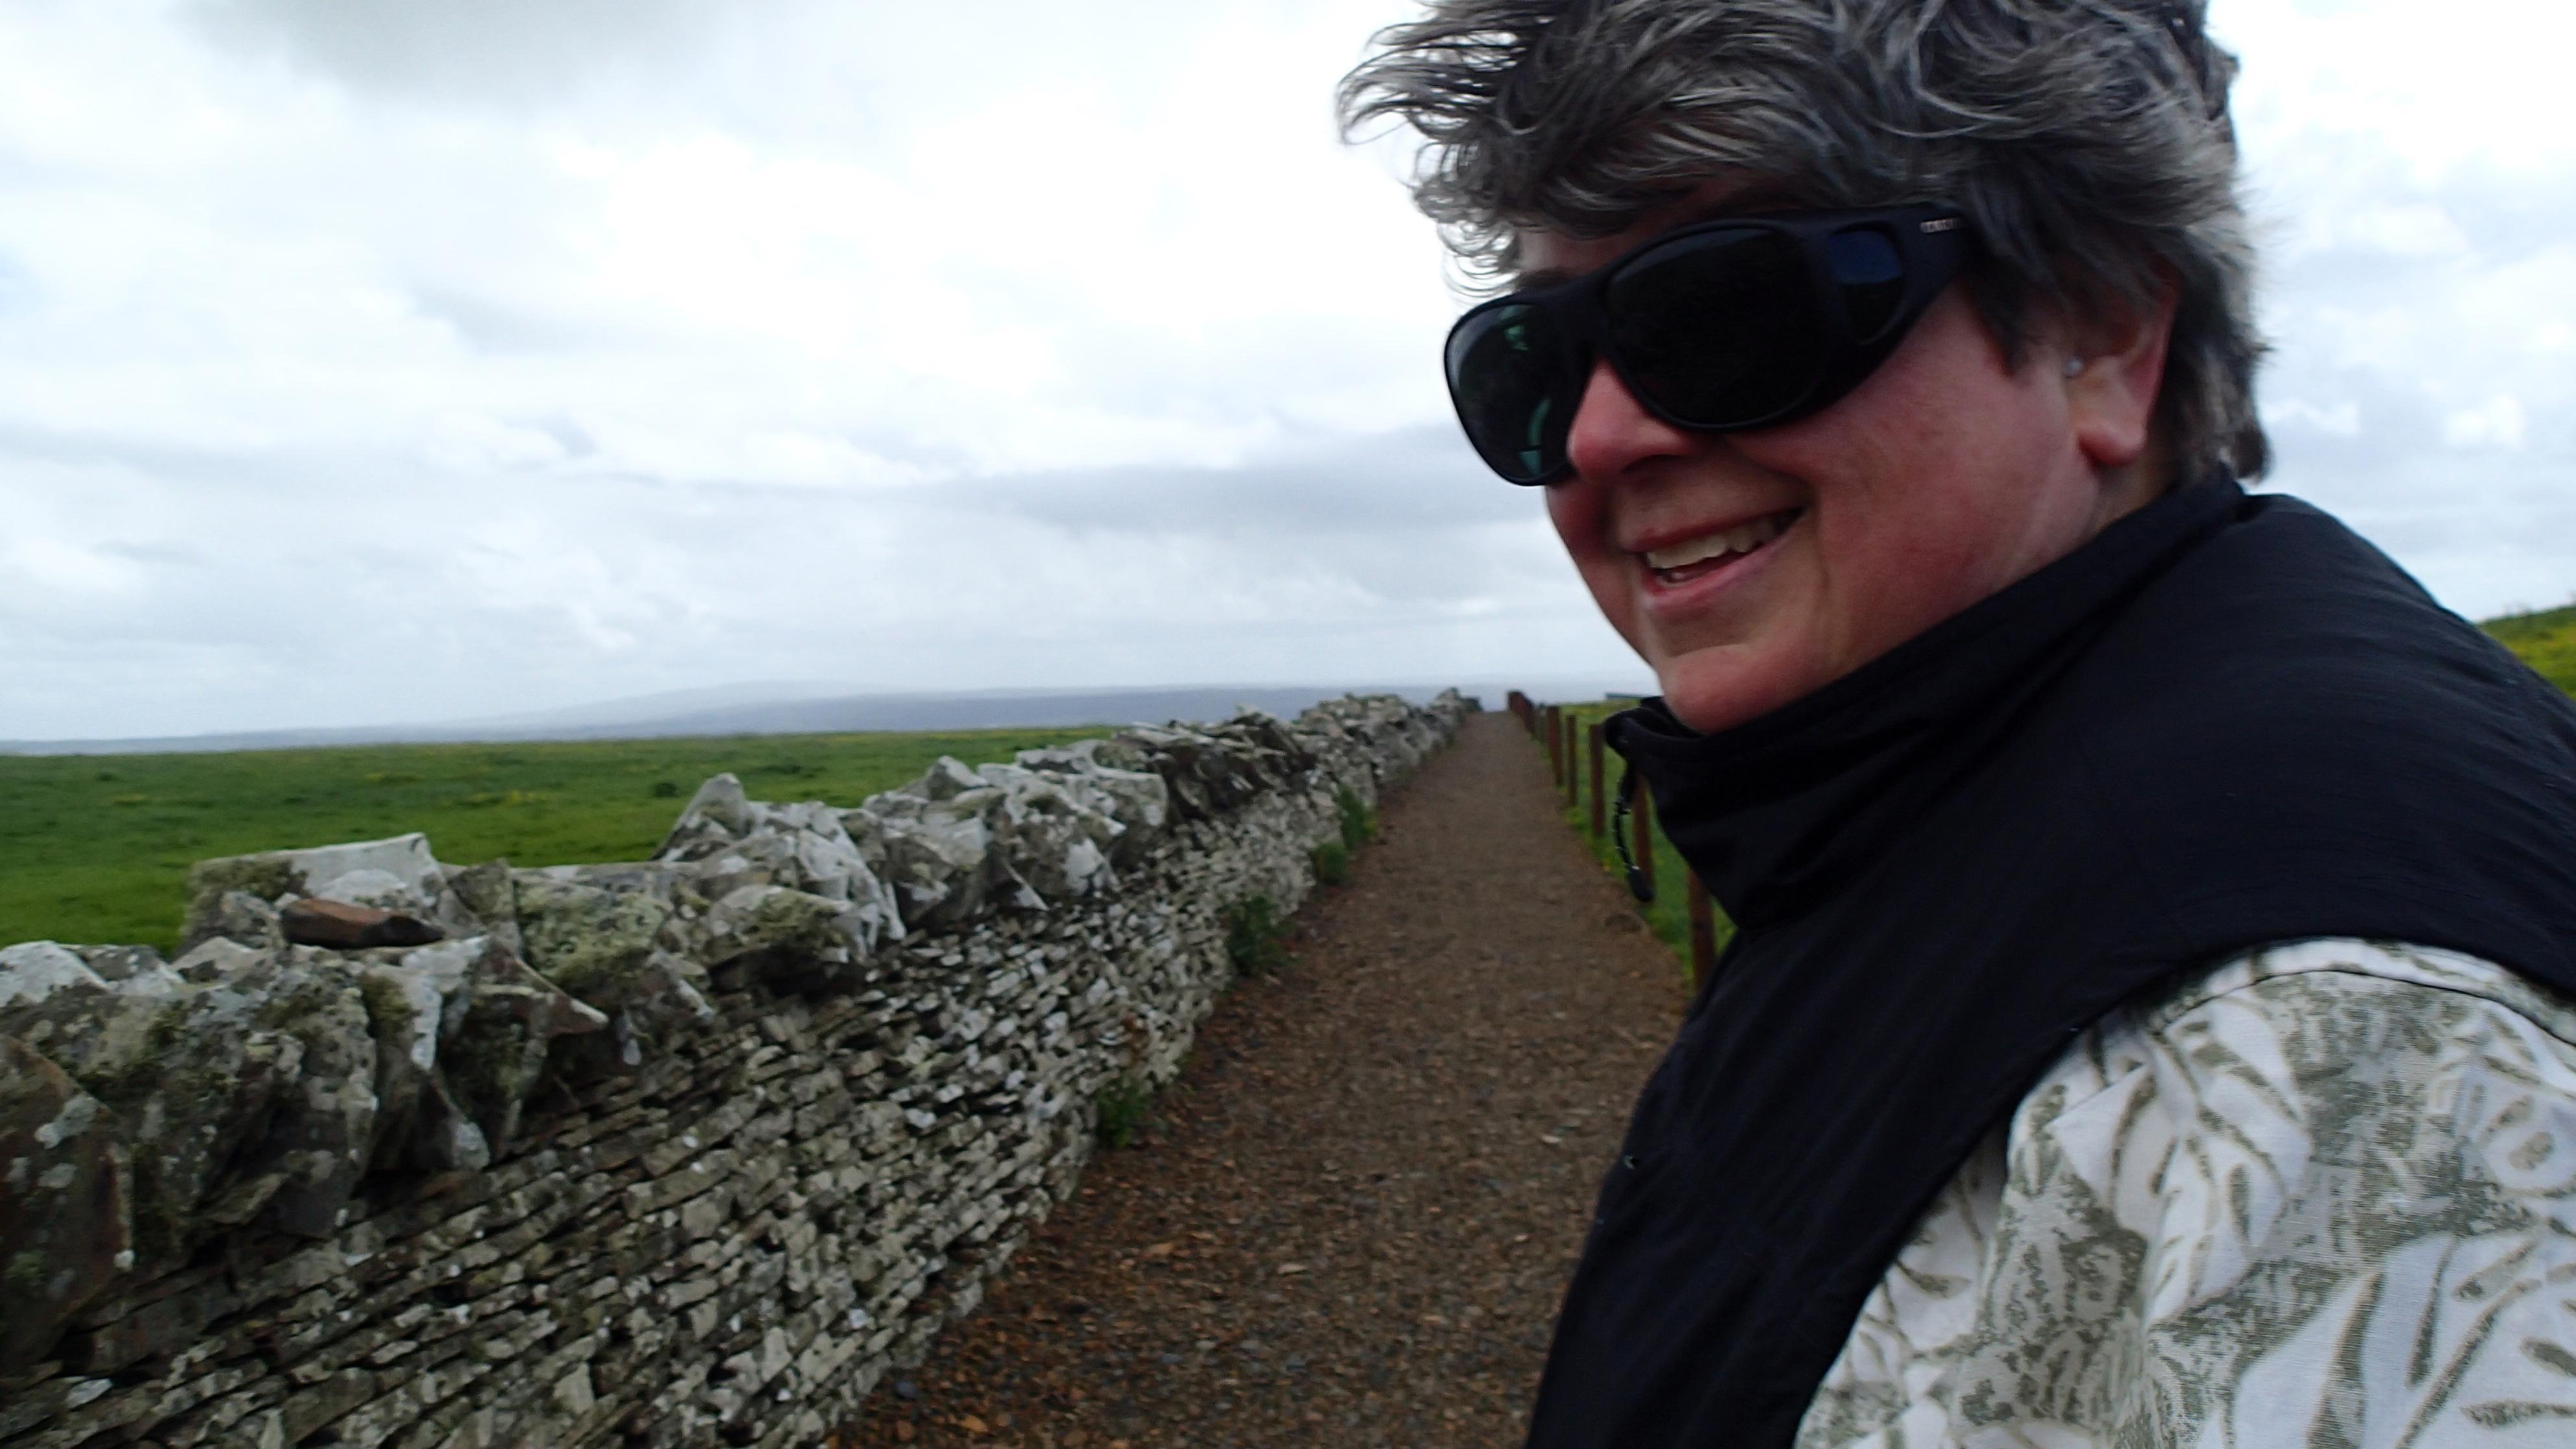 NancyLkgBack-Ireland